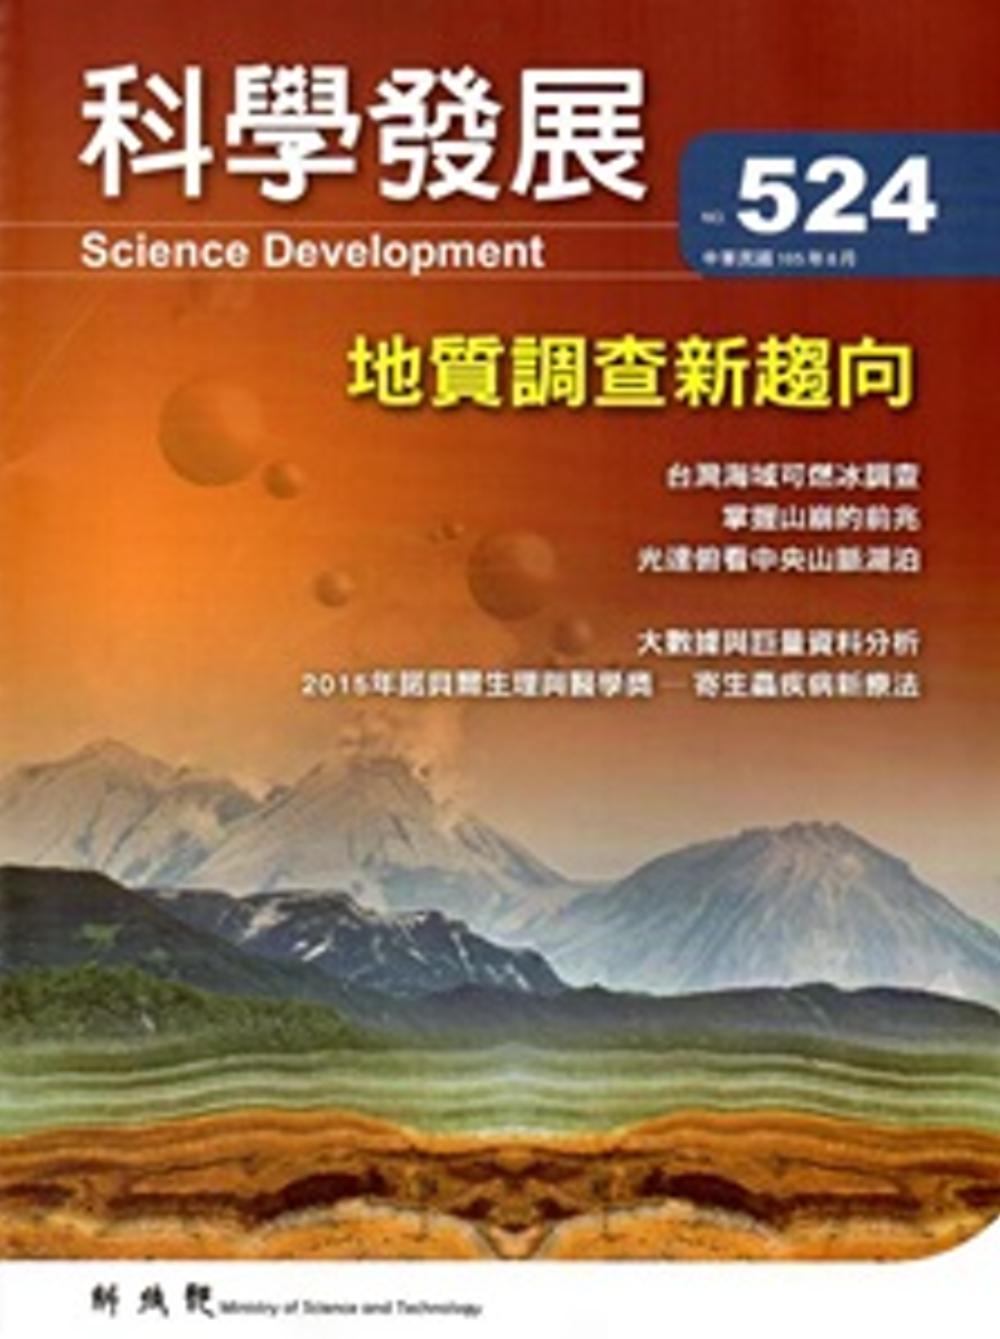 科學發展月刊第524期 105 08